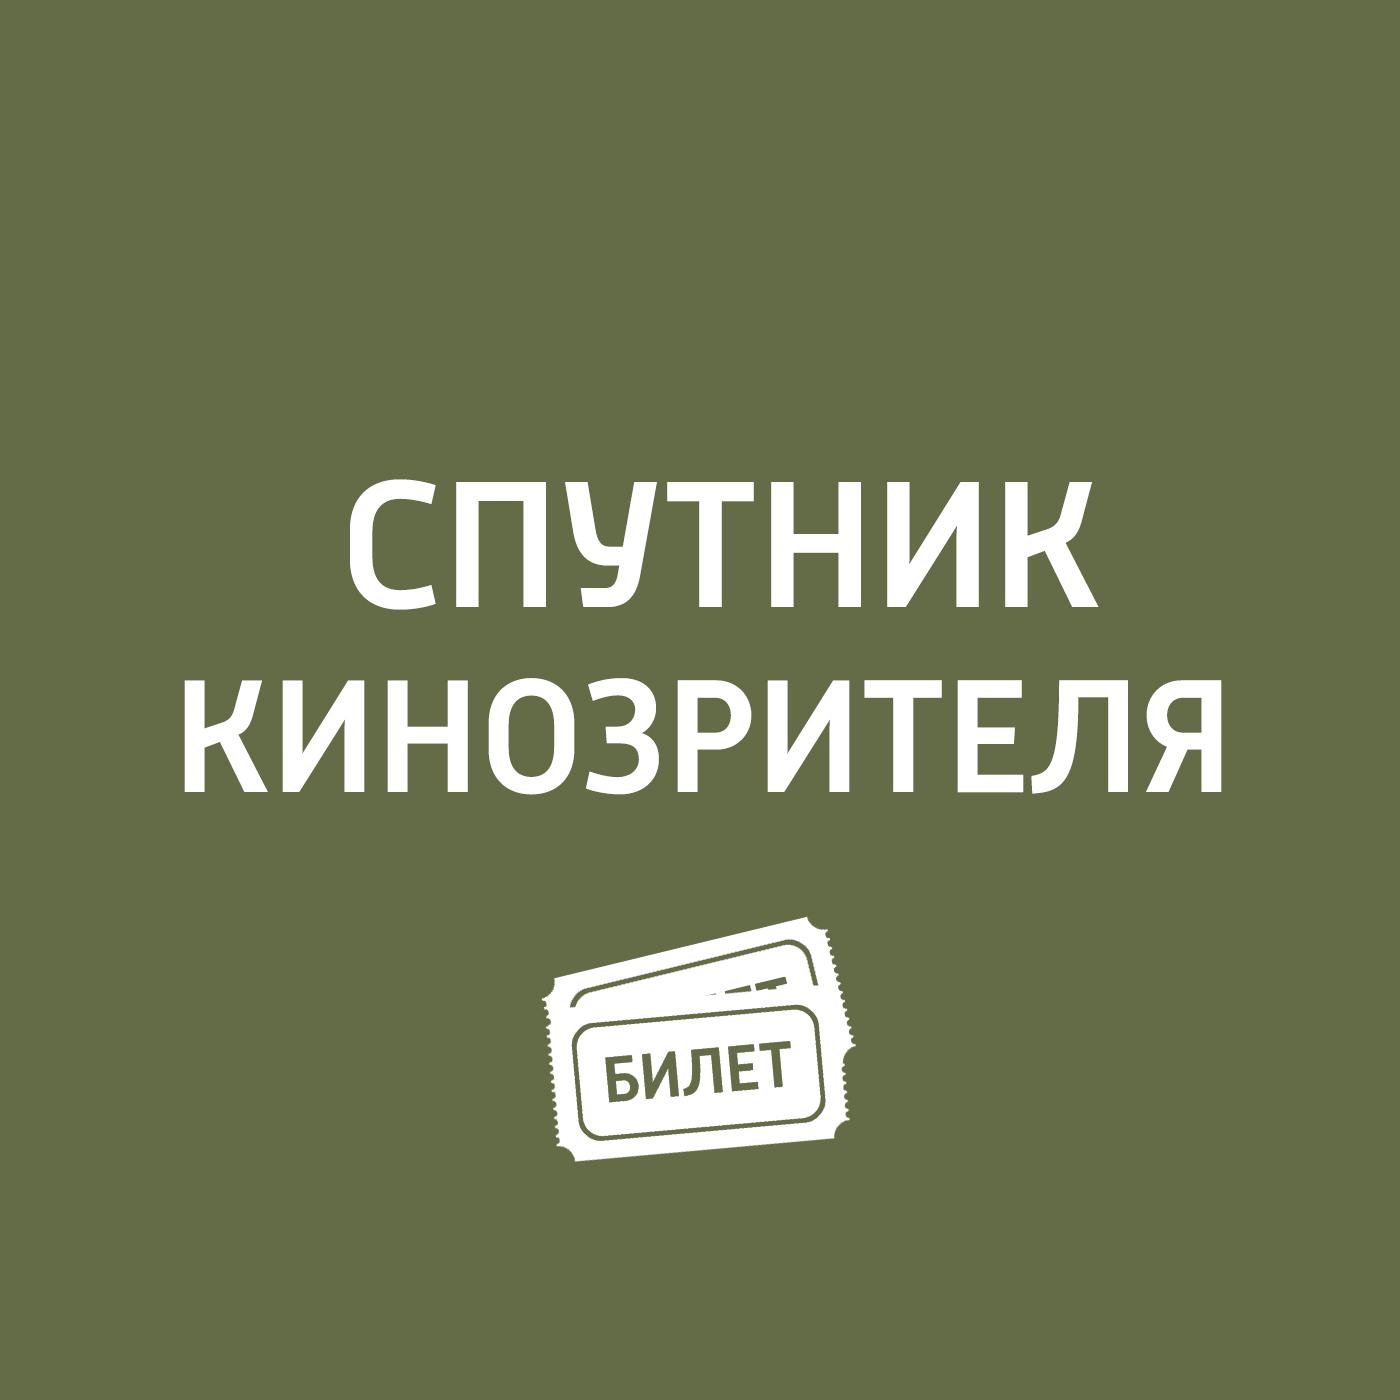 Антон Долин Хайп вокруг фильма Непрощённый с Дмитрием Нагиевым антон долин хайп вокруг фильма непрощённый с дмитрием нагиевым